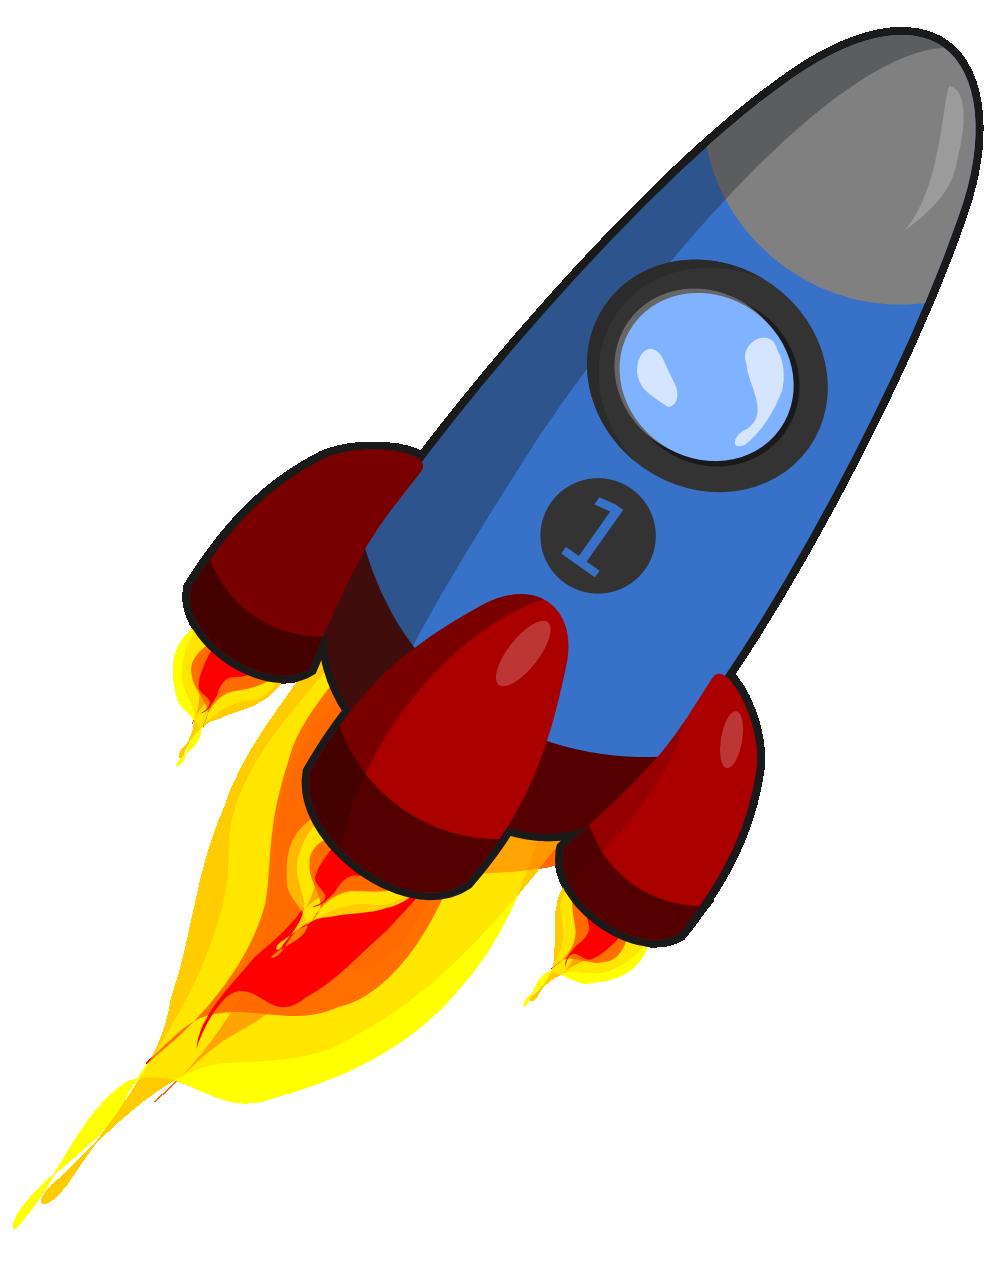 Clipart rocket gambar. Clipartix